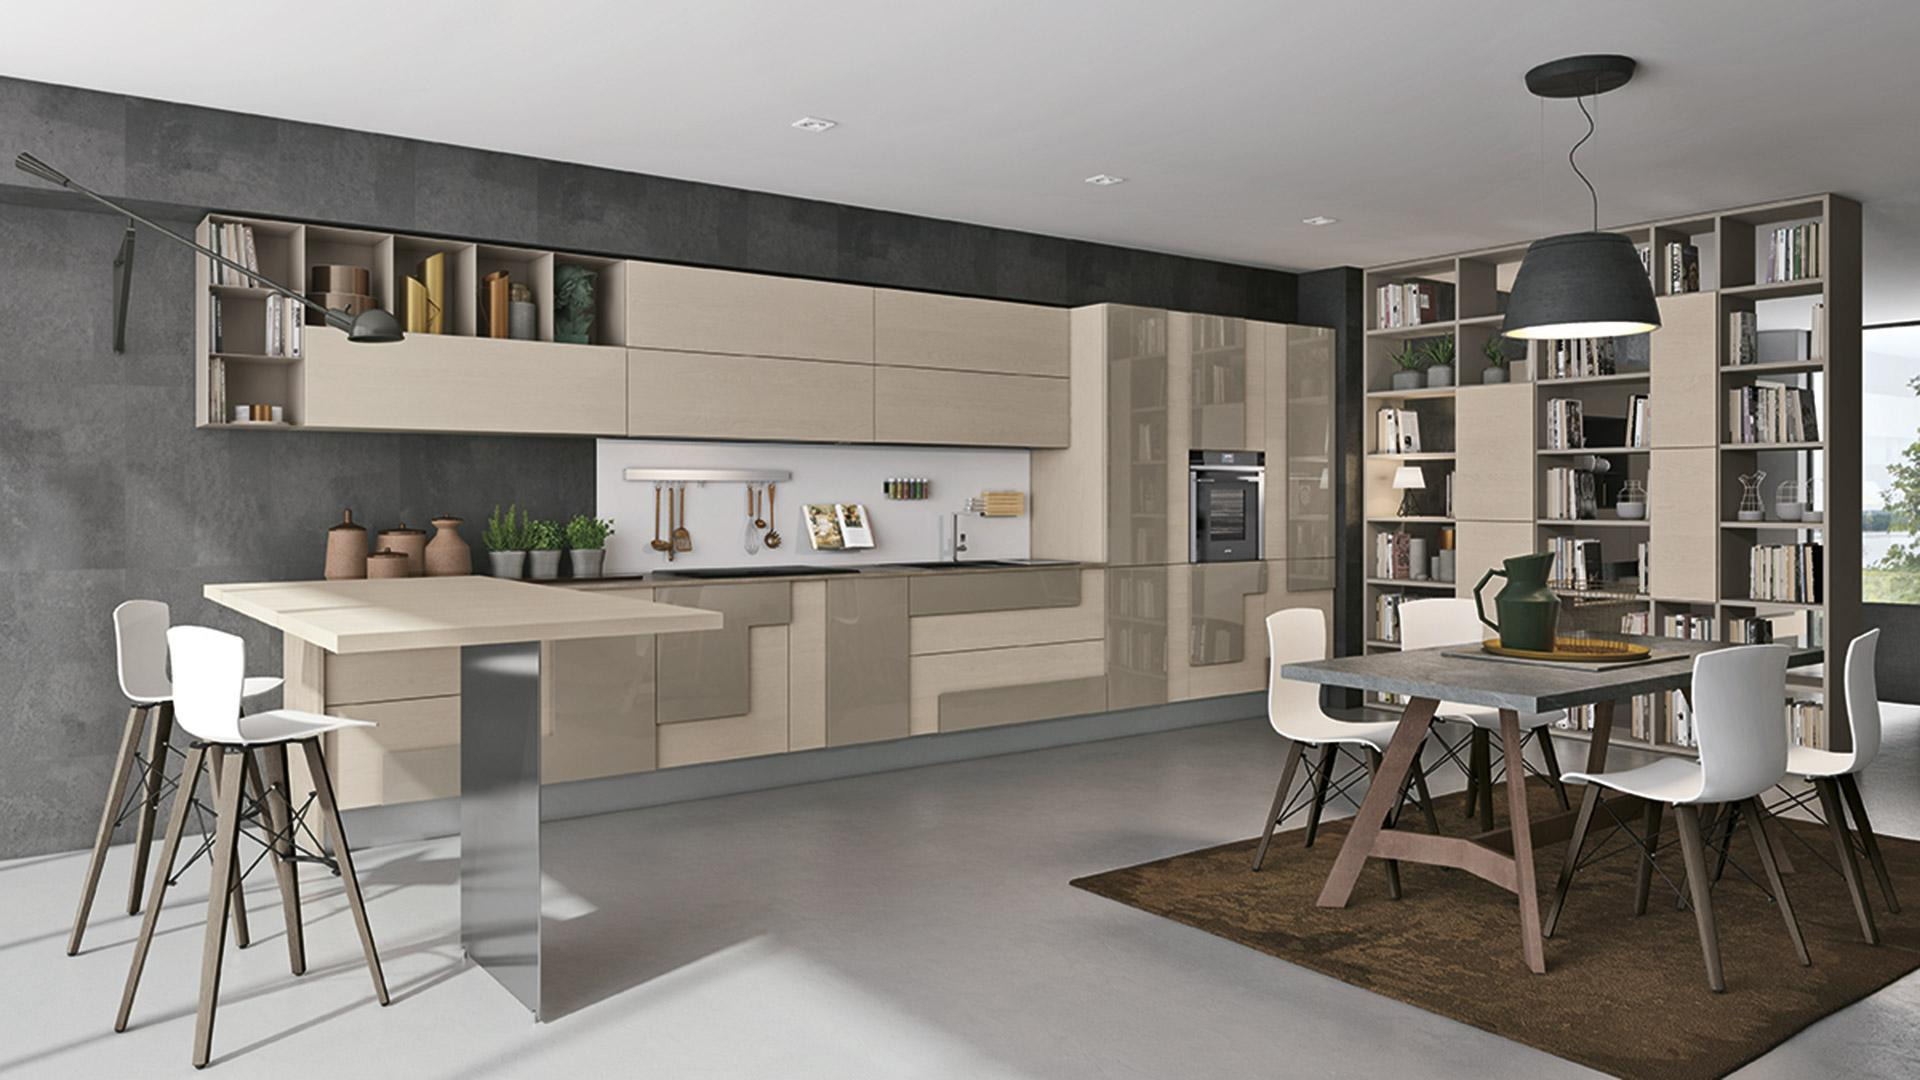 Geometria in cucina - Cucine Lube